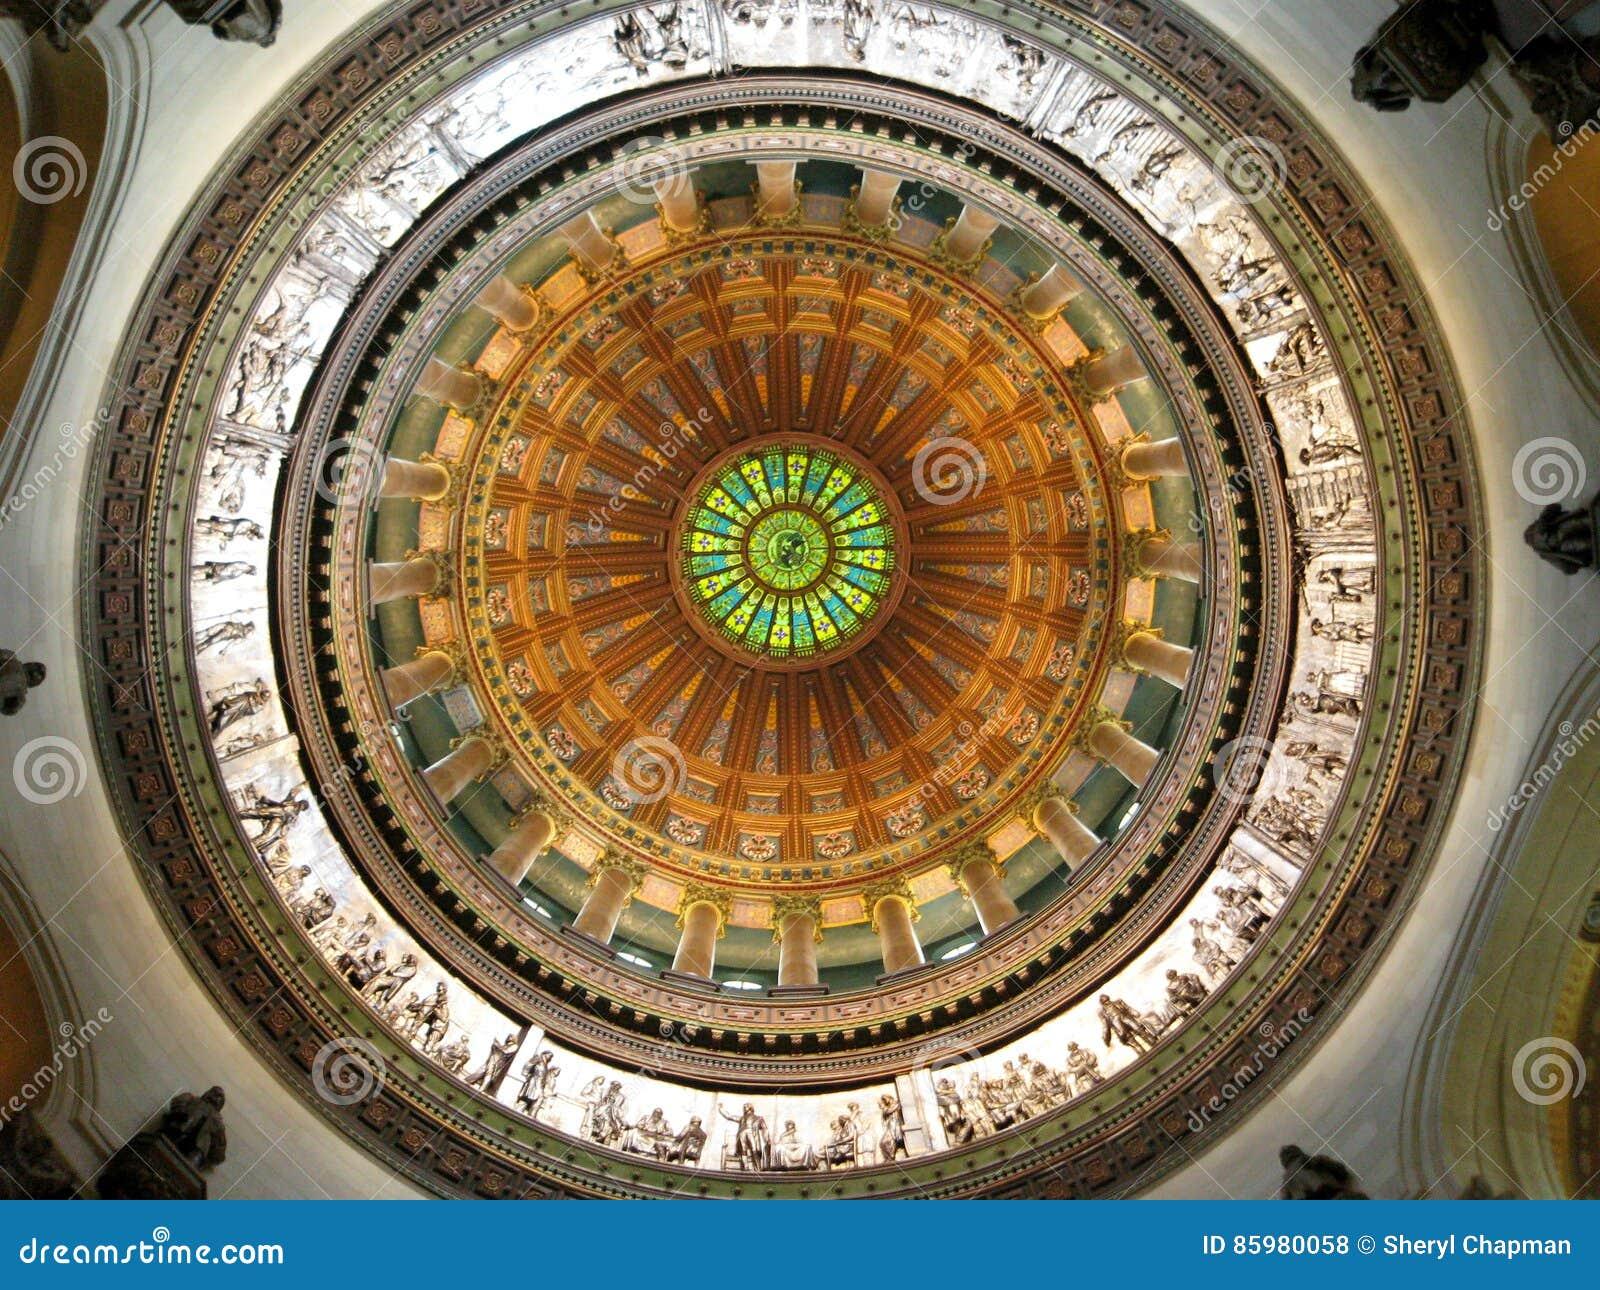 """Foto: """"Interior van de Koepel, Rotonde, het Capitool van de Staat van Illinois, Springfield, Illinois†"""